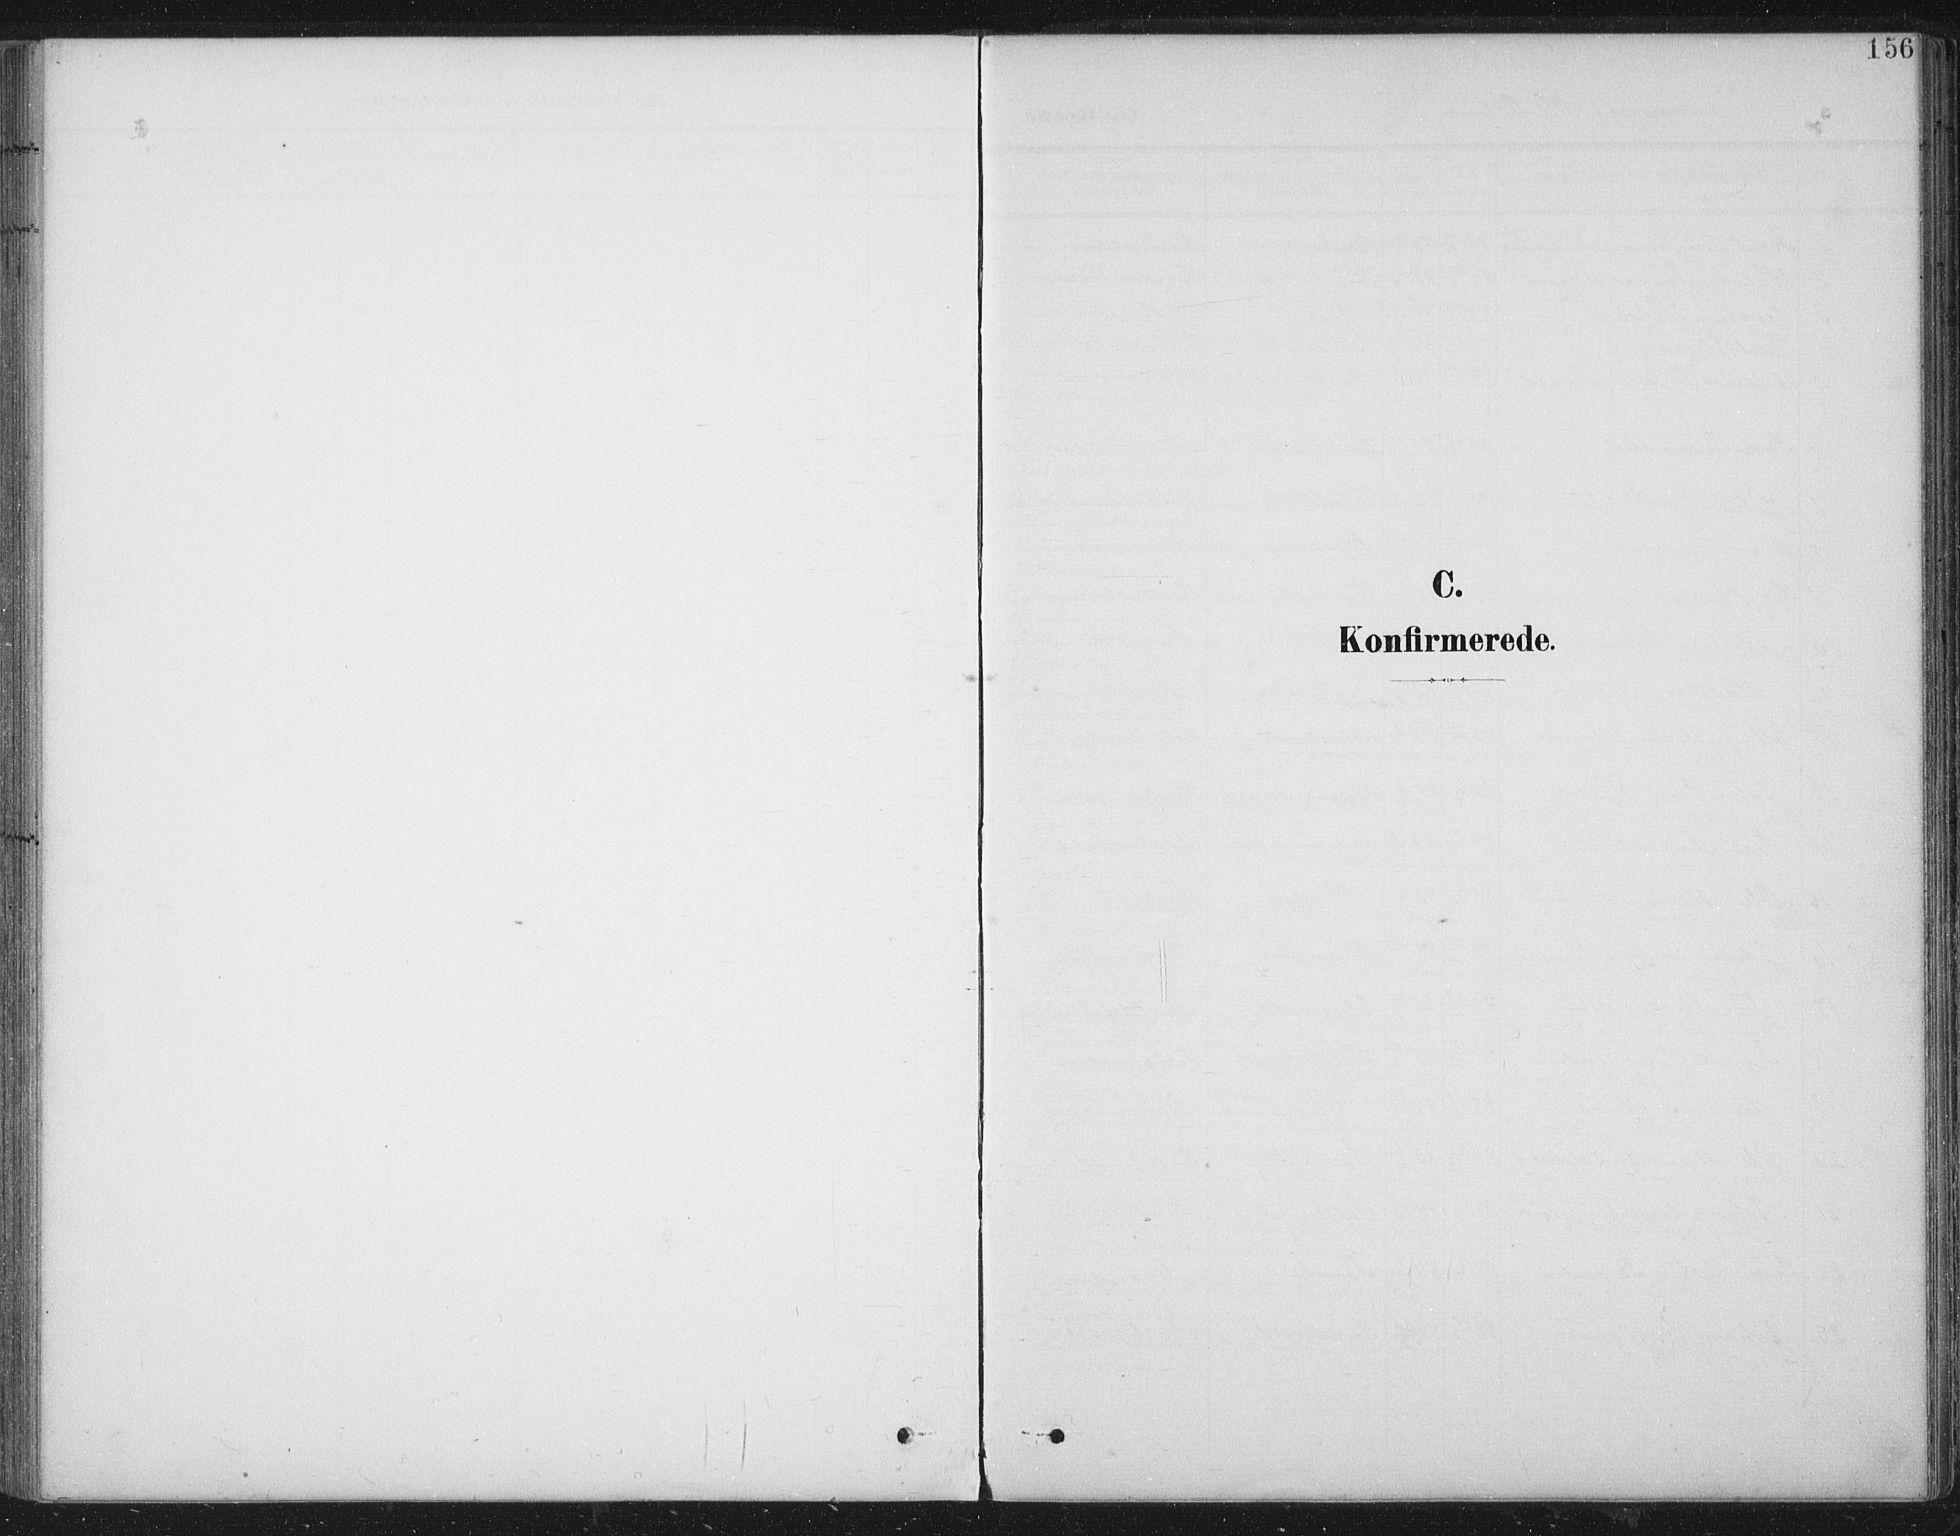 SAT, Ministerialprotokoller, klokkerbøker og fødselsregistre - Nord-Trøndelag, 724/L0269: Klokkerbok nr. 724C05, 1899-1920, s. 156